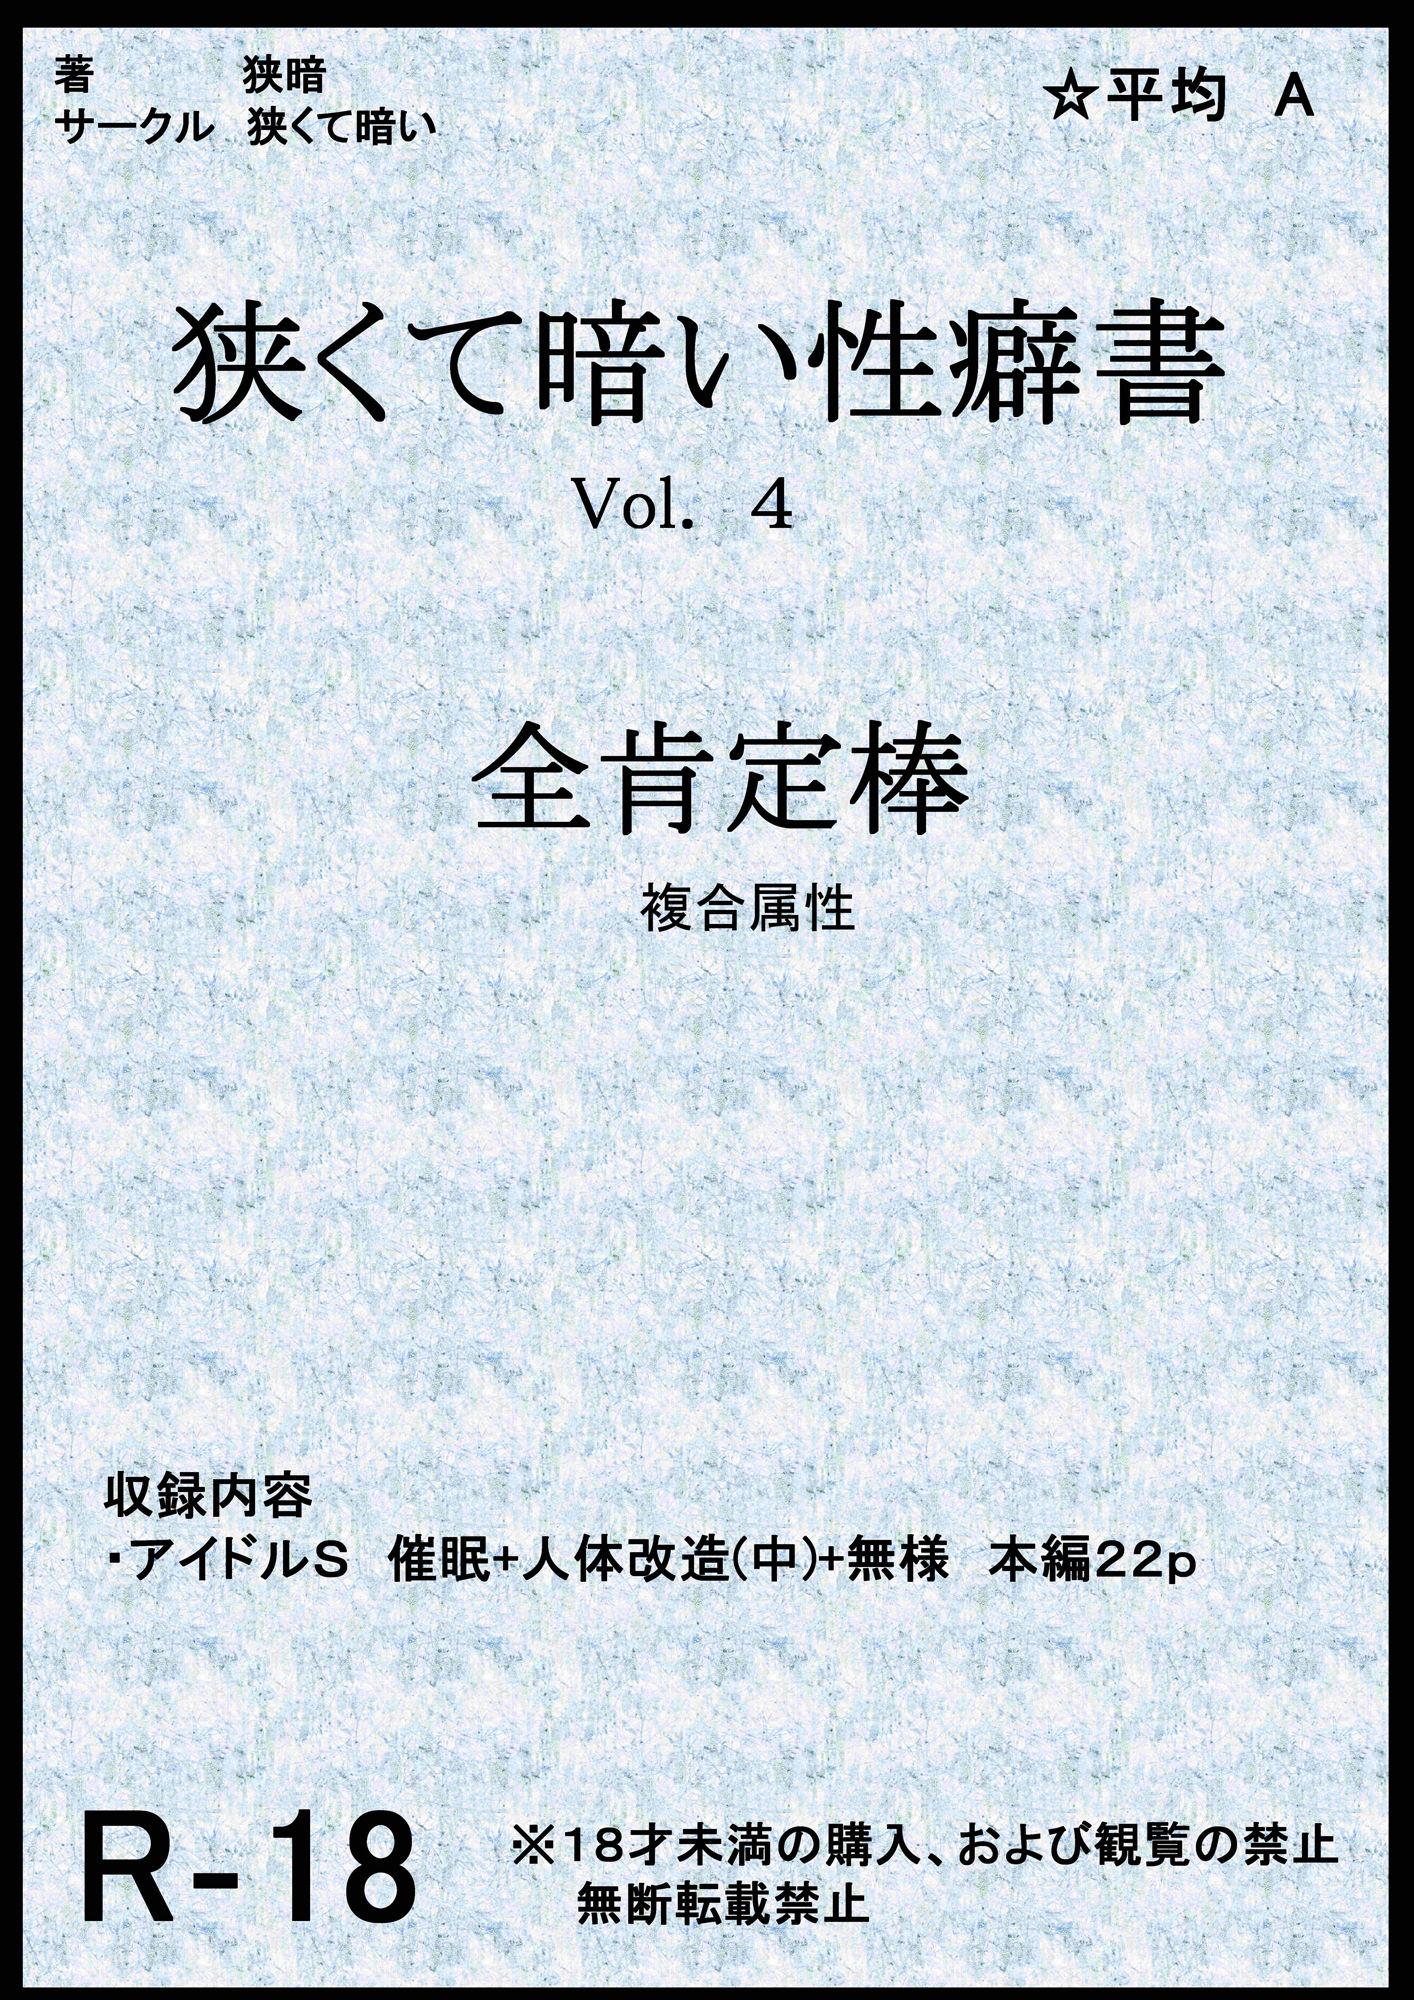 狭くて暗い性癖書Vol.4全肯定棒